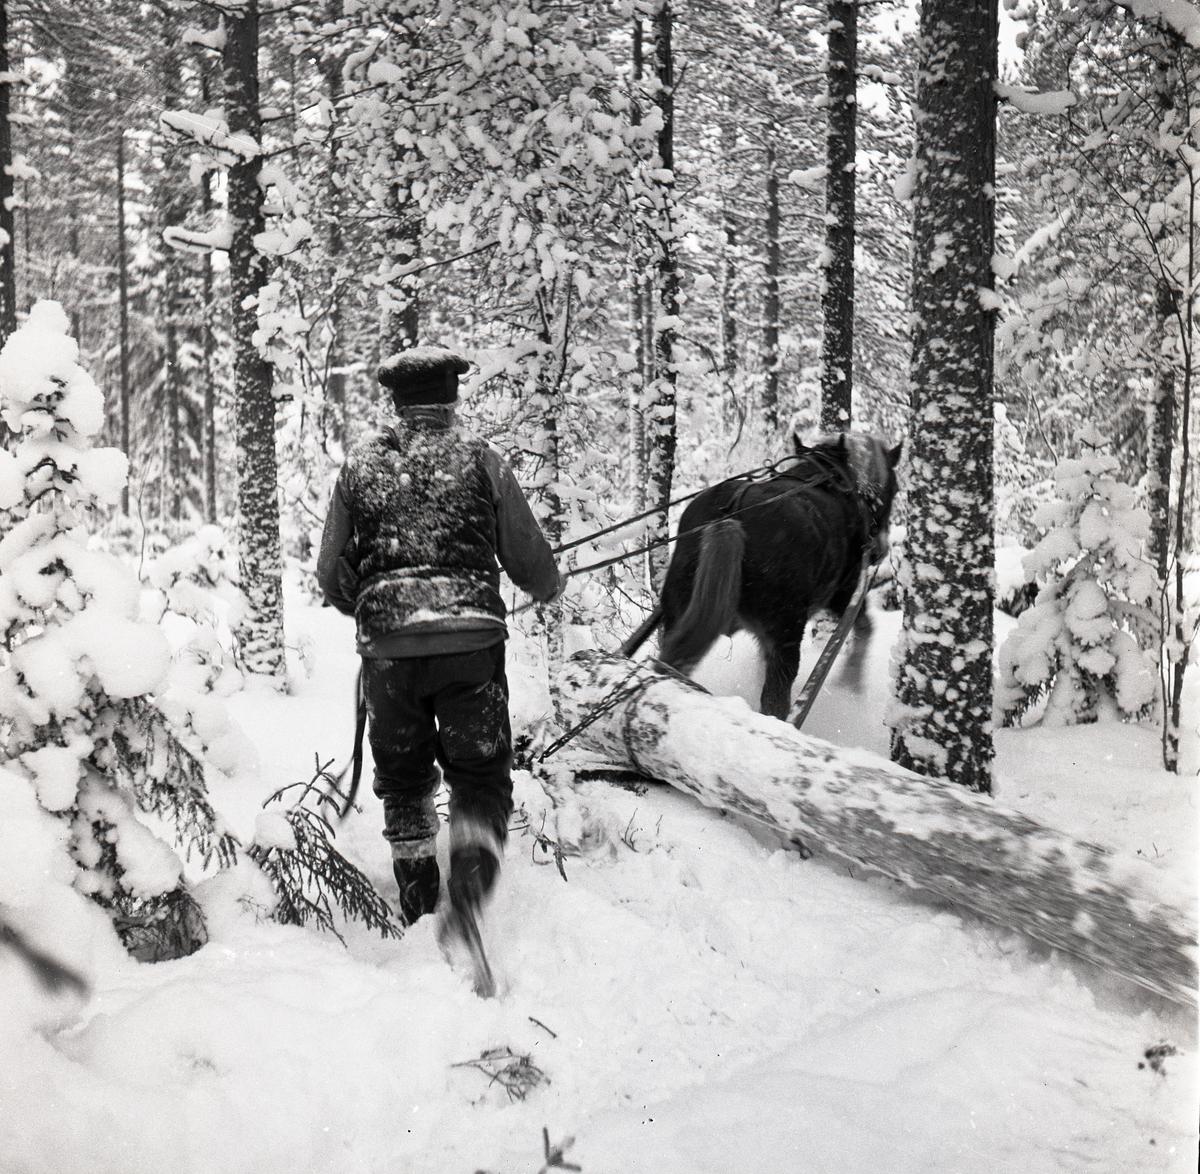 En man kör en förspänd häst genom ett snöigt skogslandskap. Hästen drar en timmerstock på en släde, 1960.